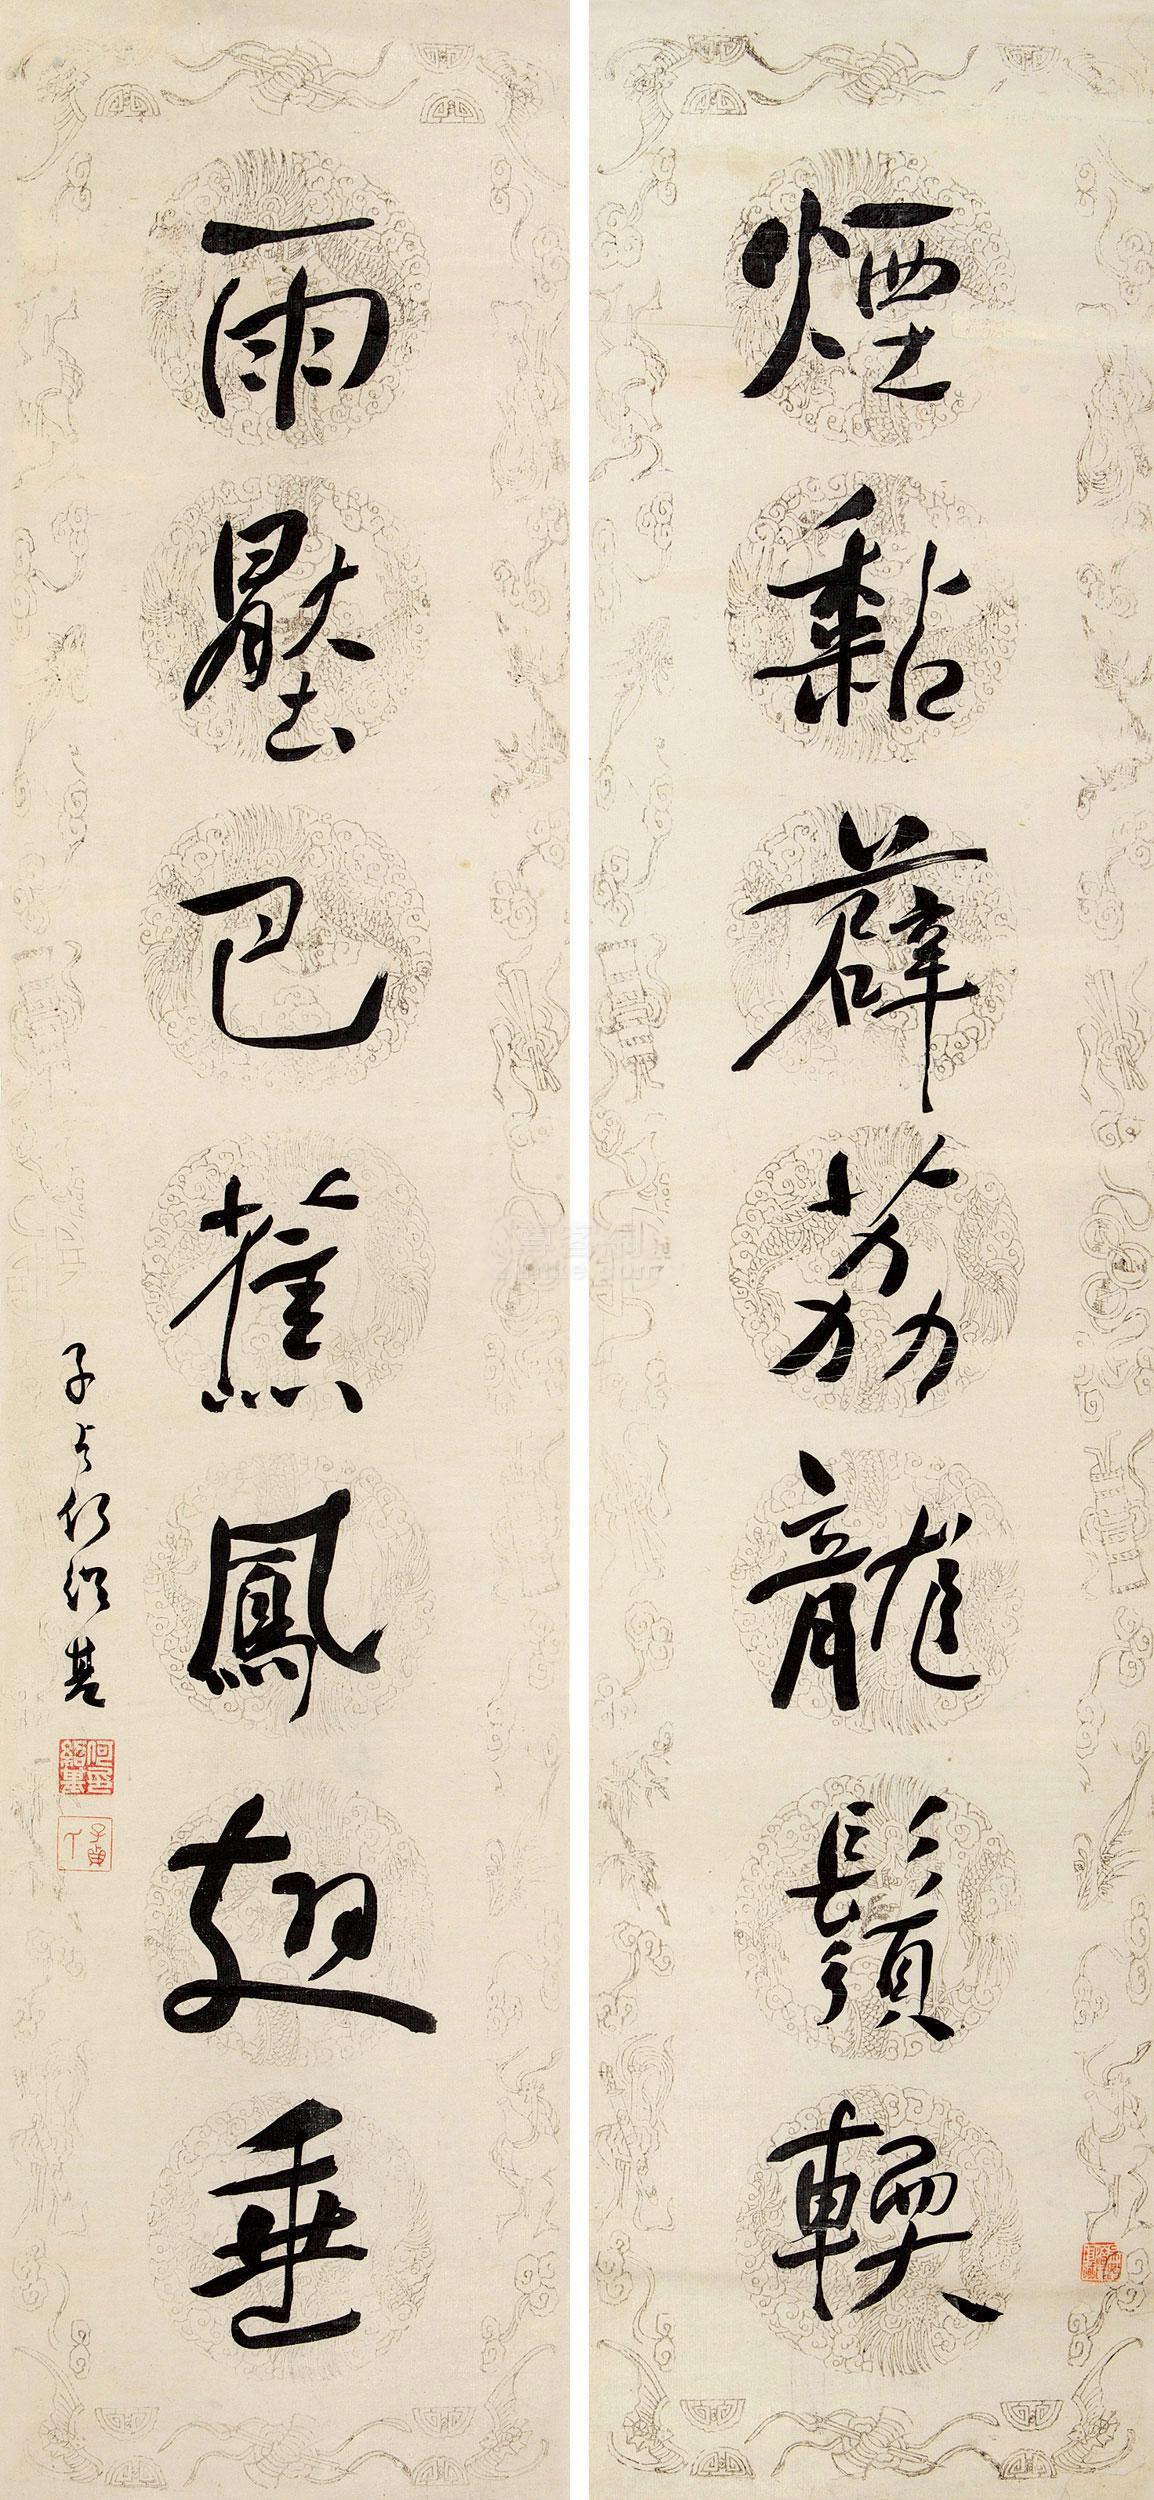 何绍基 行书七言 对联 纸本作品欣赏